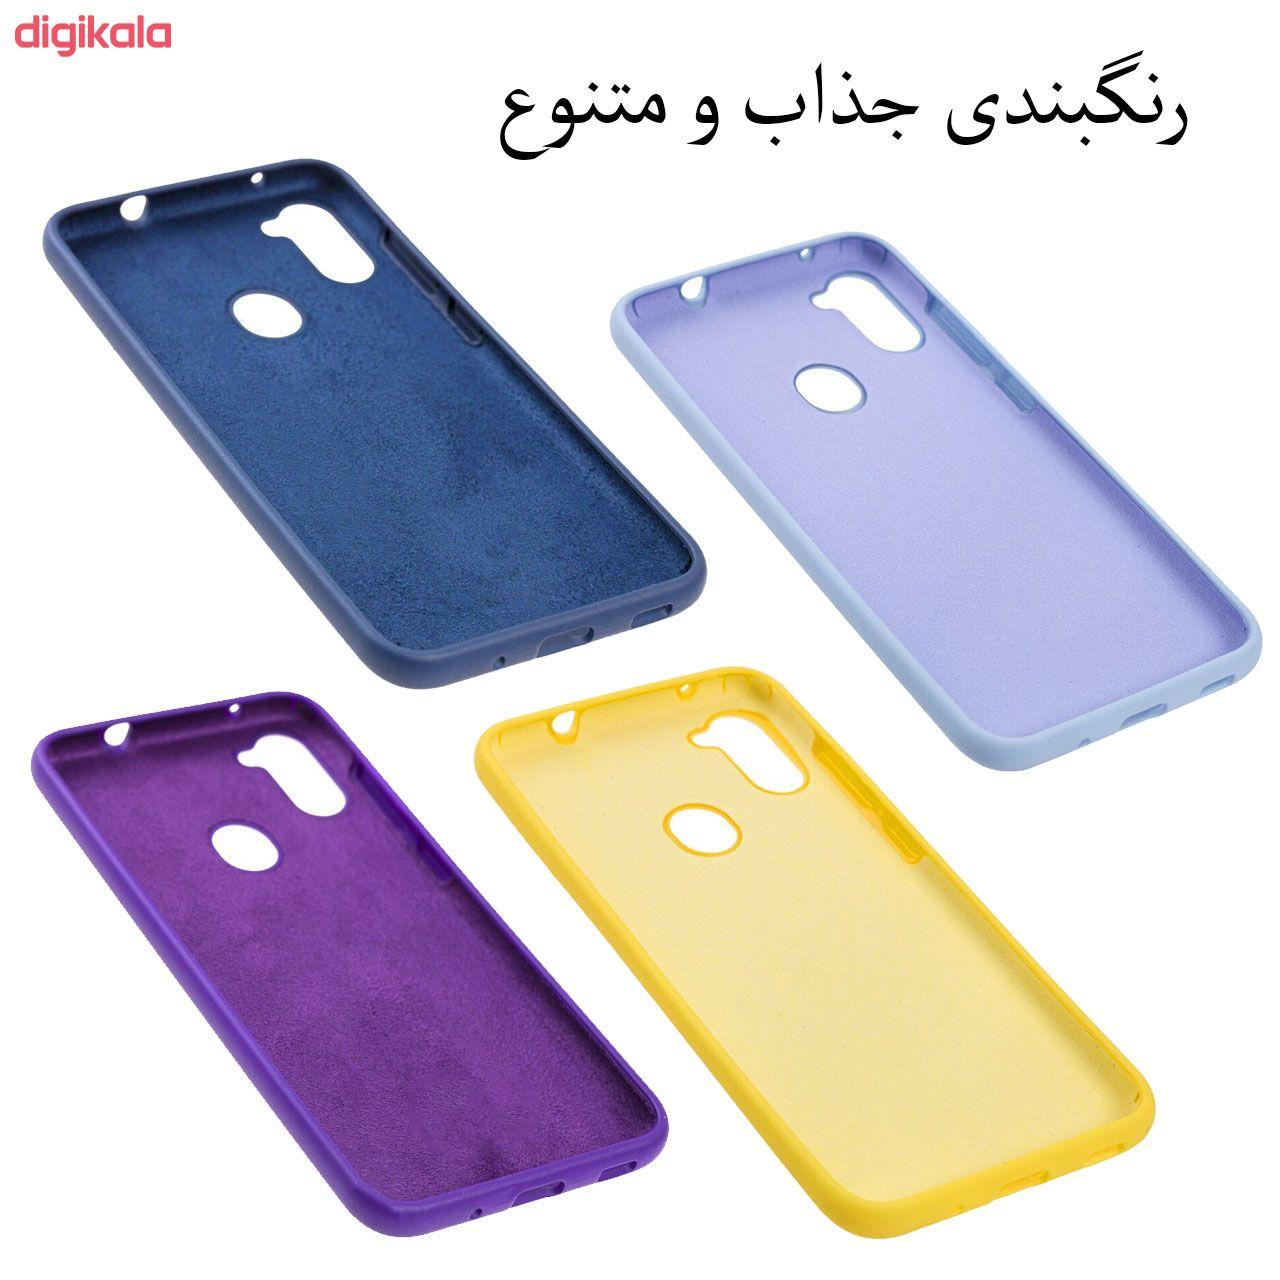 کاور مدل SLCN مناسب برای گوشی موبایل سامسونگ Galaxy A11 main 1 3